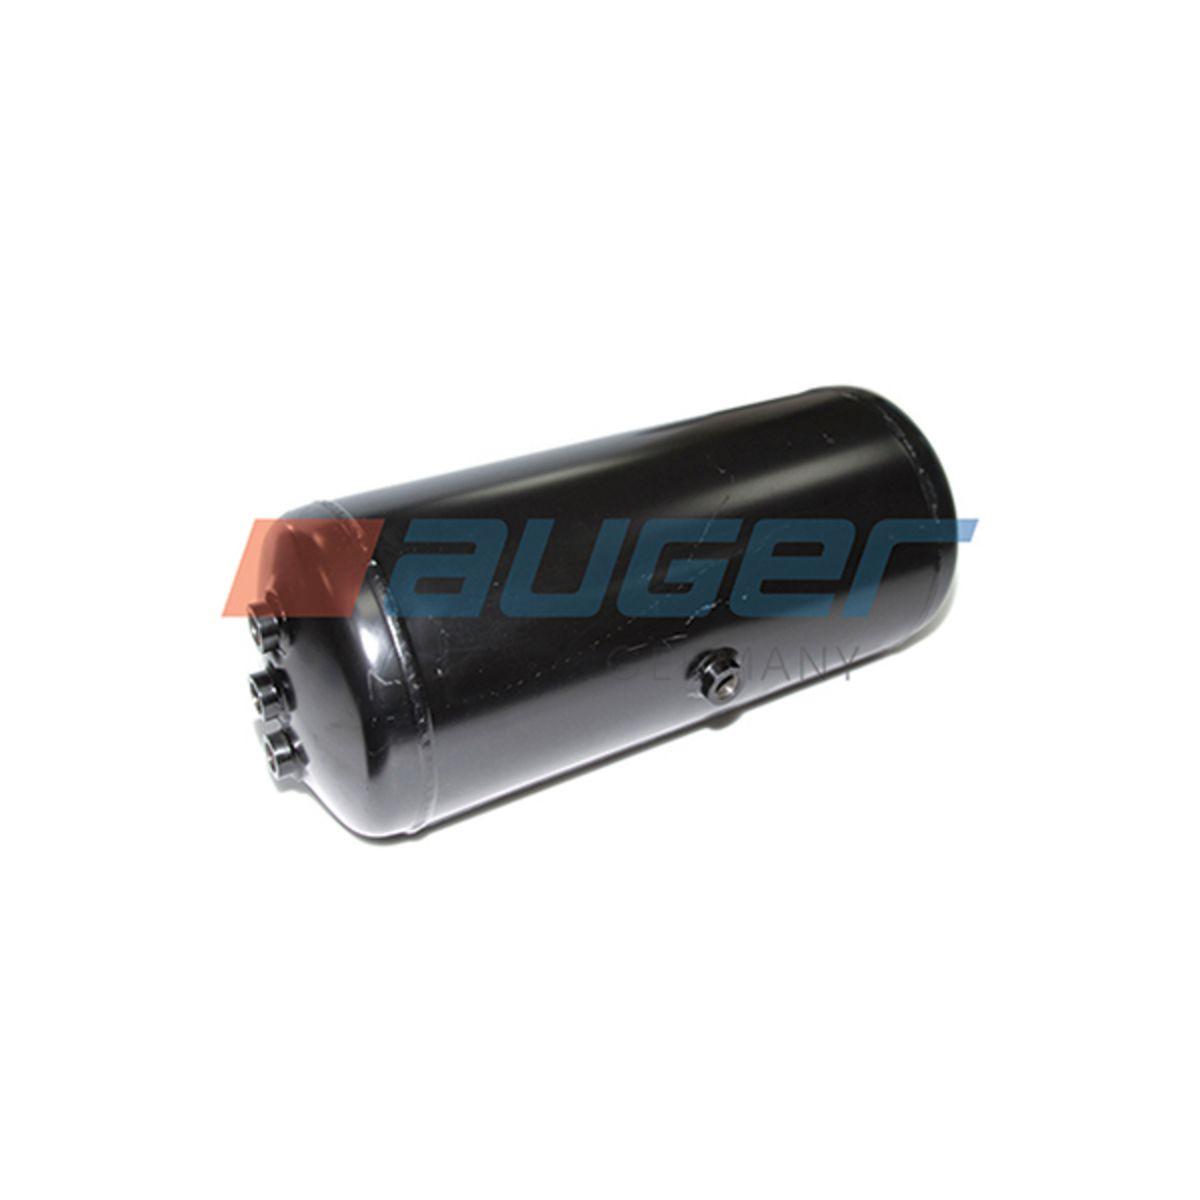 Luftbehälter Druckluftanlage AUGER 21929